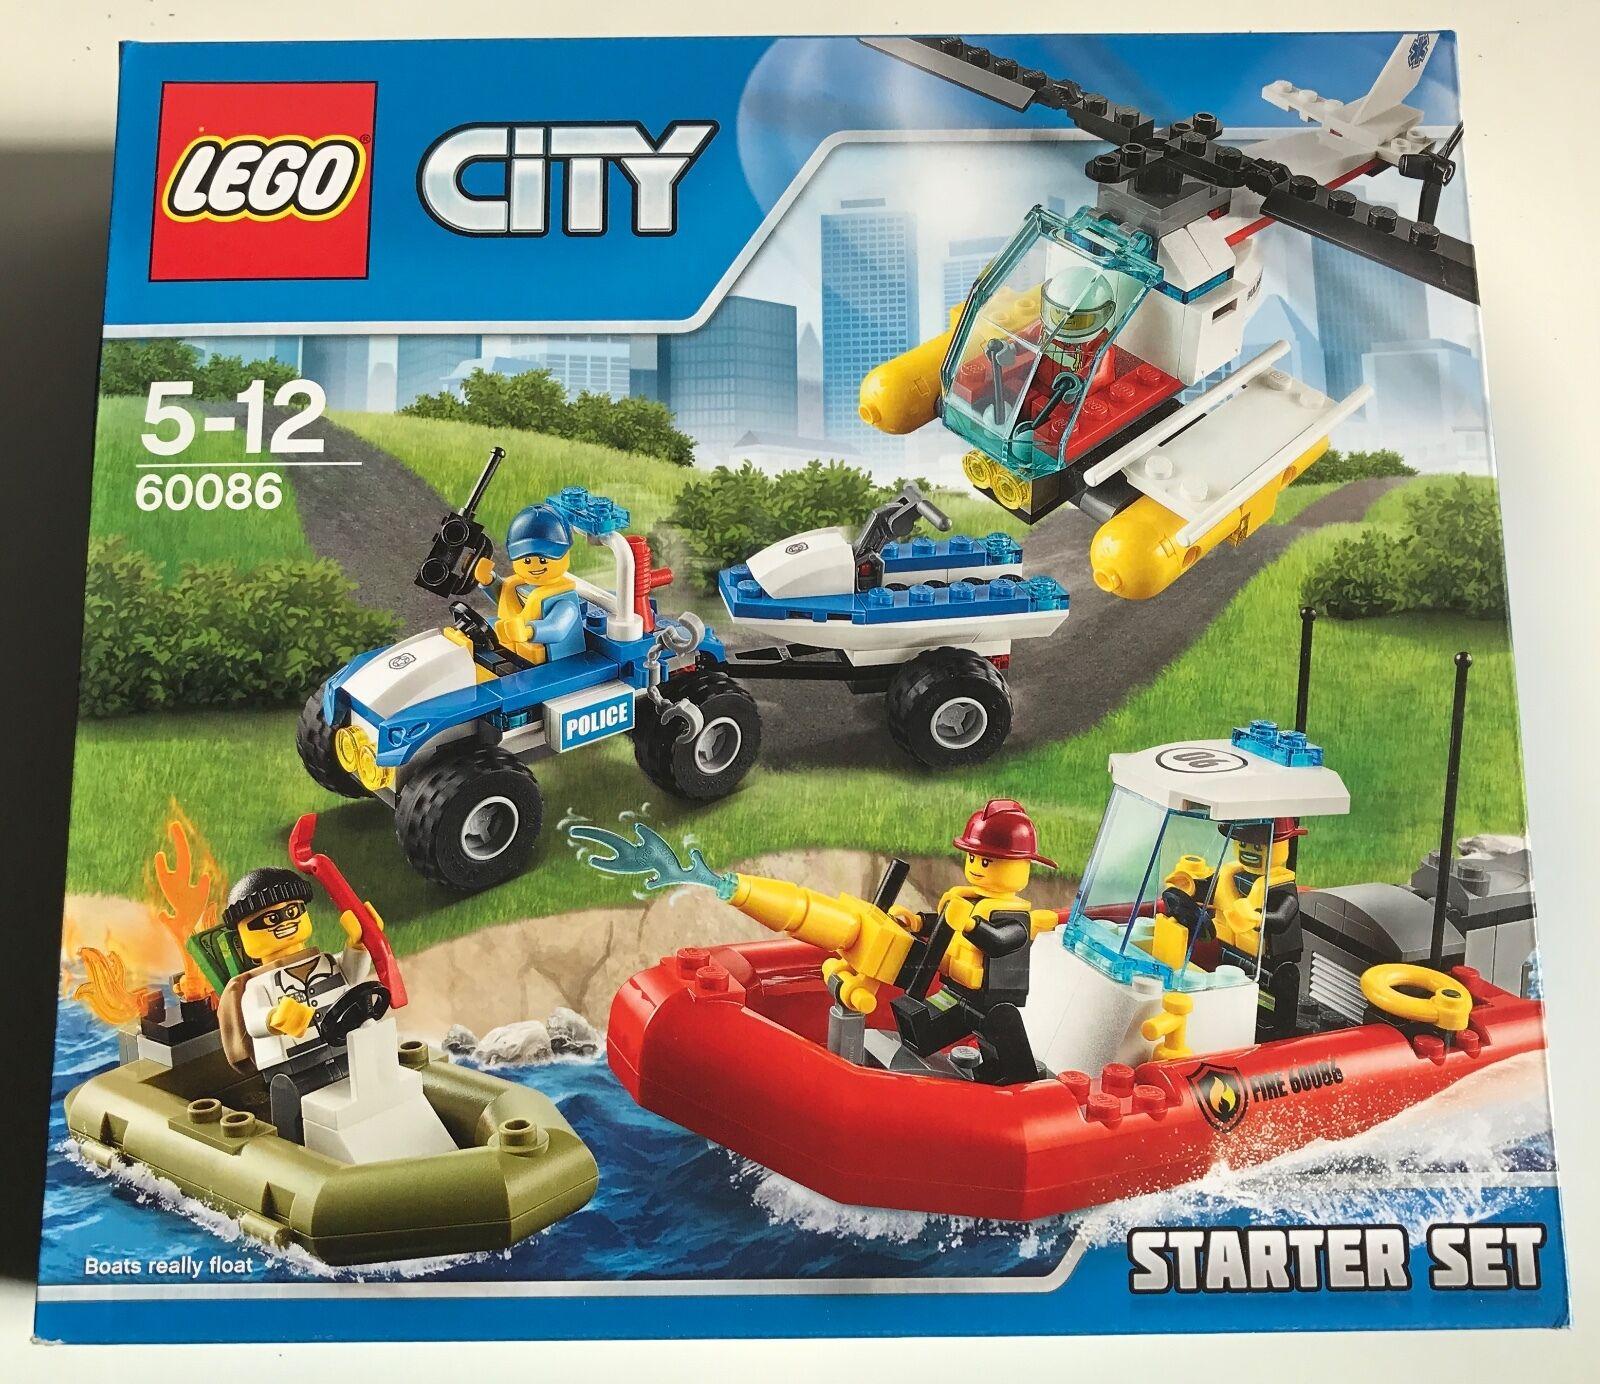 LEGO City Police 60086 LEGO City Starter Set-DIFFICILE DA TROVARE-Nuovo di zecca in pensione